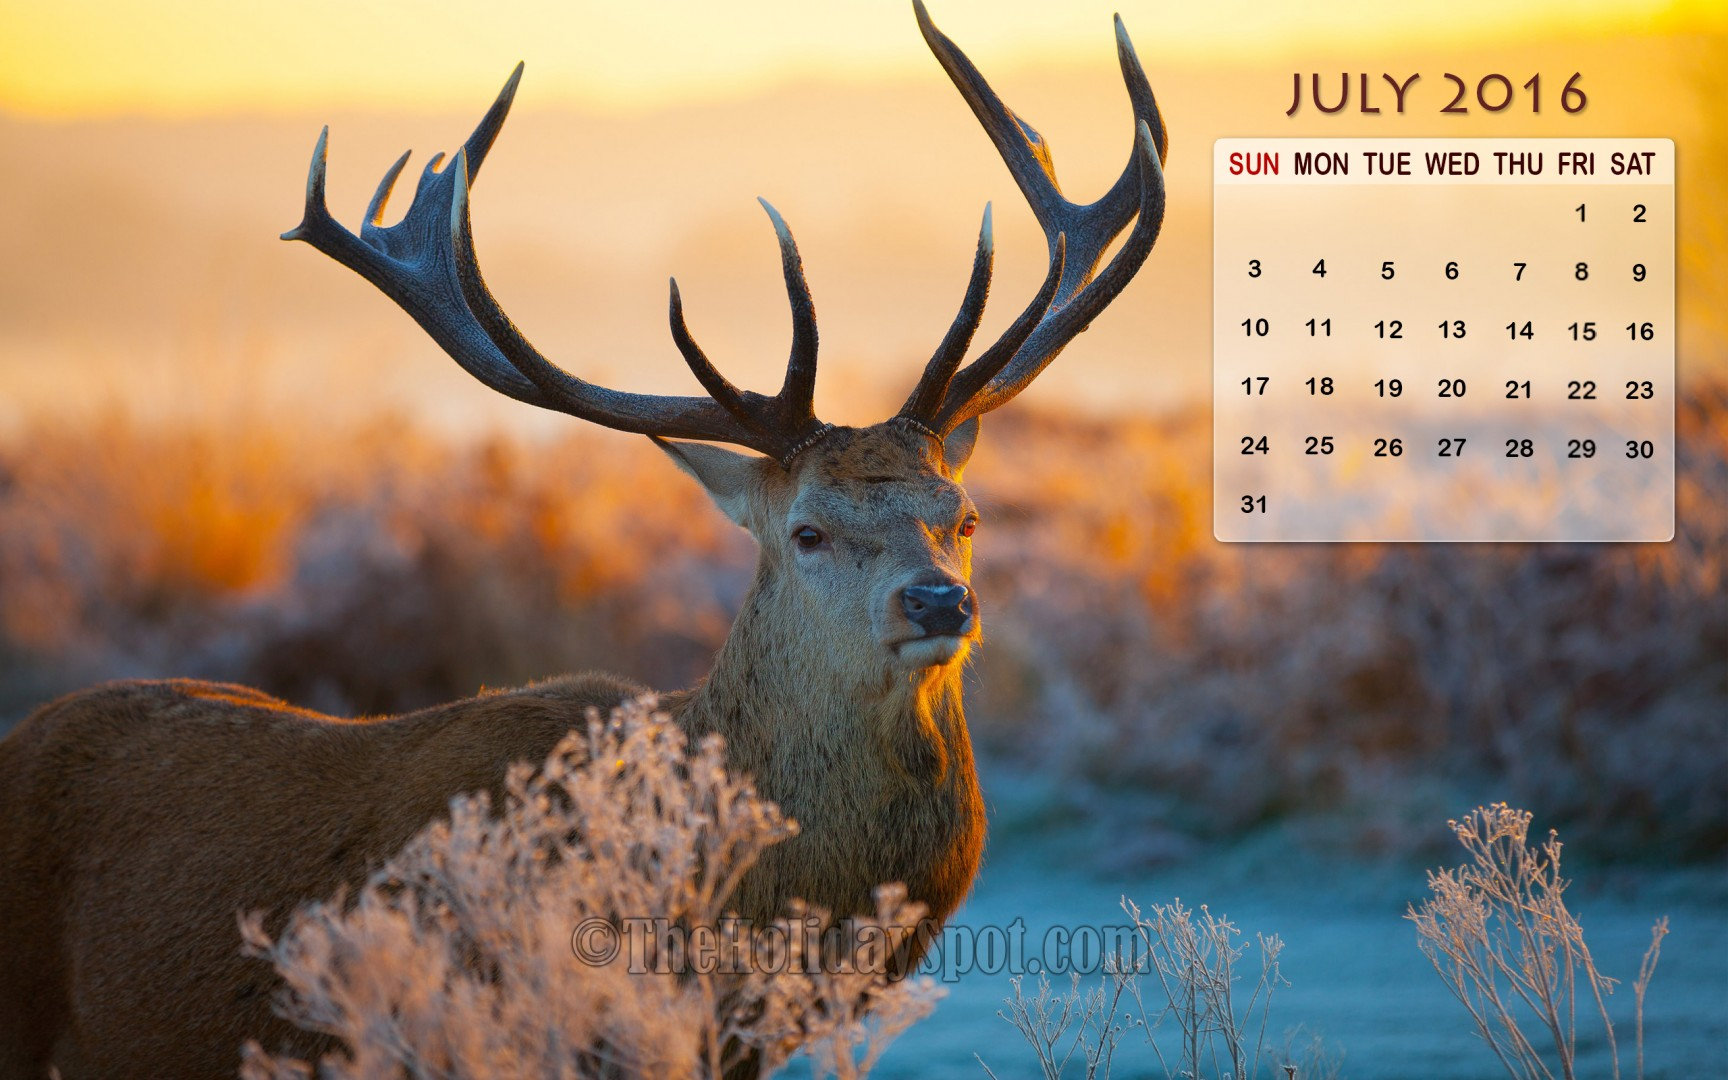 July Calendar Wallpaper 2016 1728x1080